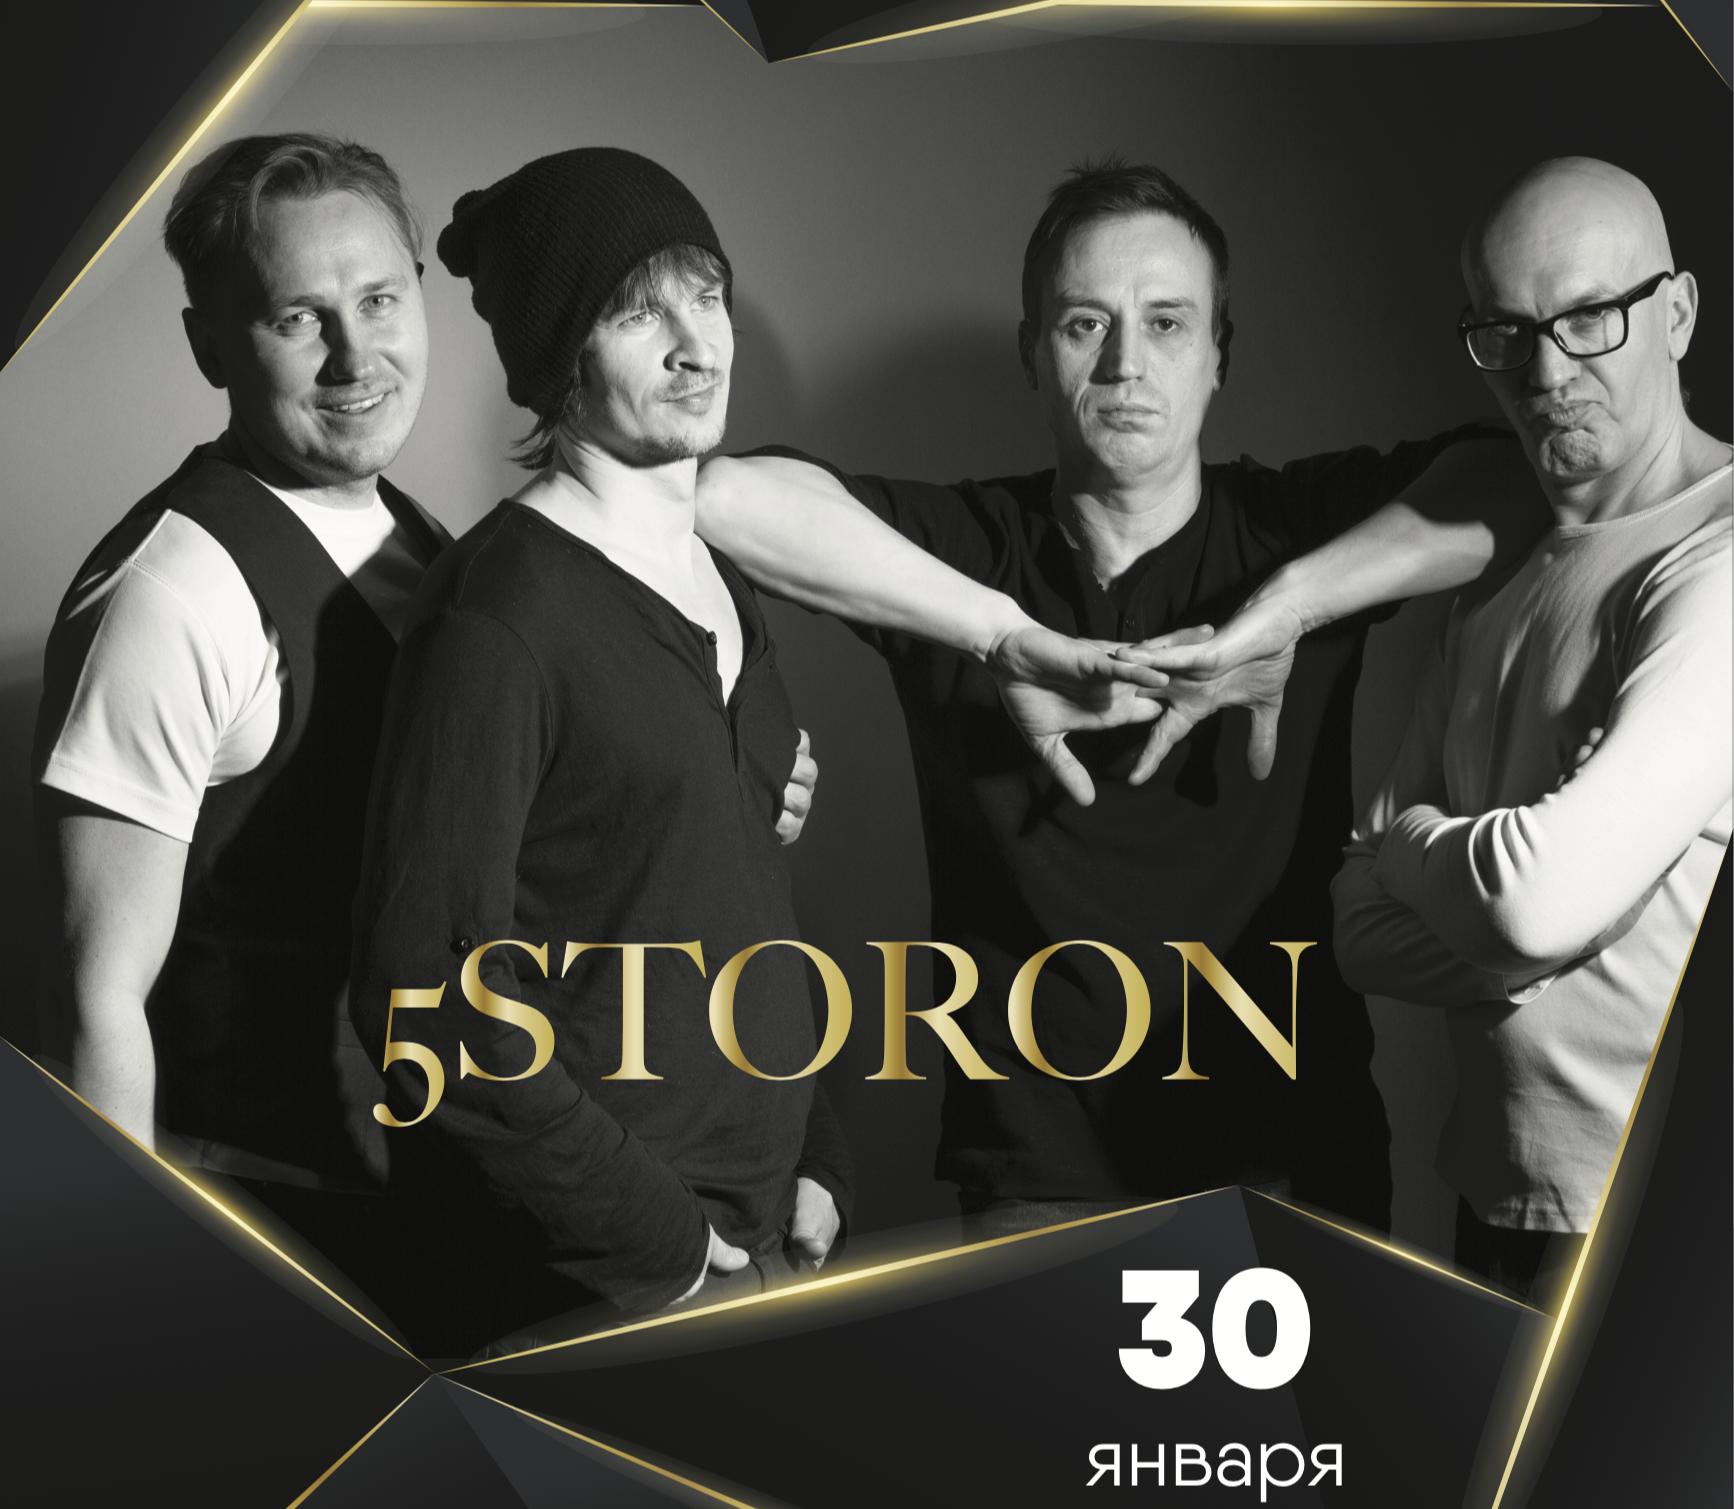 Афиша! 30 января. Музыкальная кавер группа — 5 STORON в The White Hart Pub Moscow City!